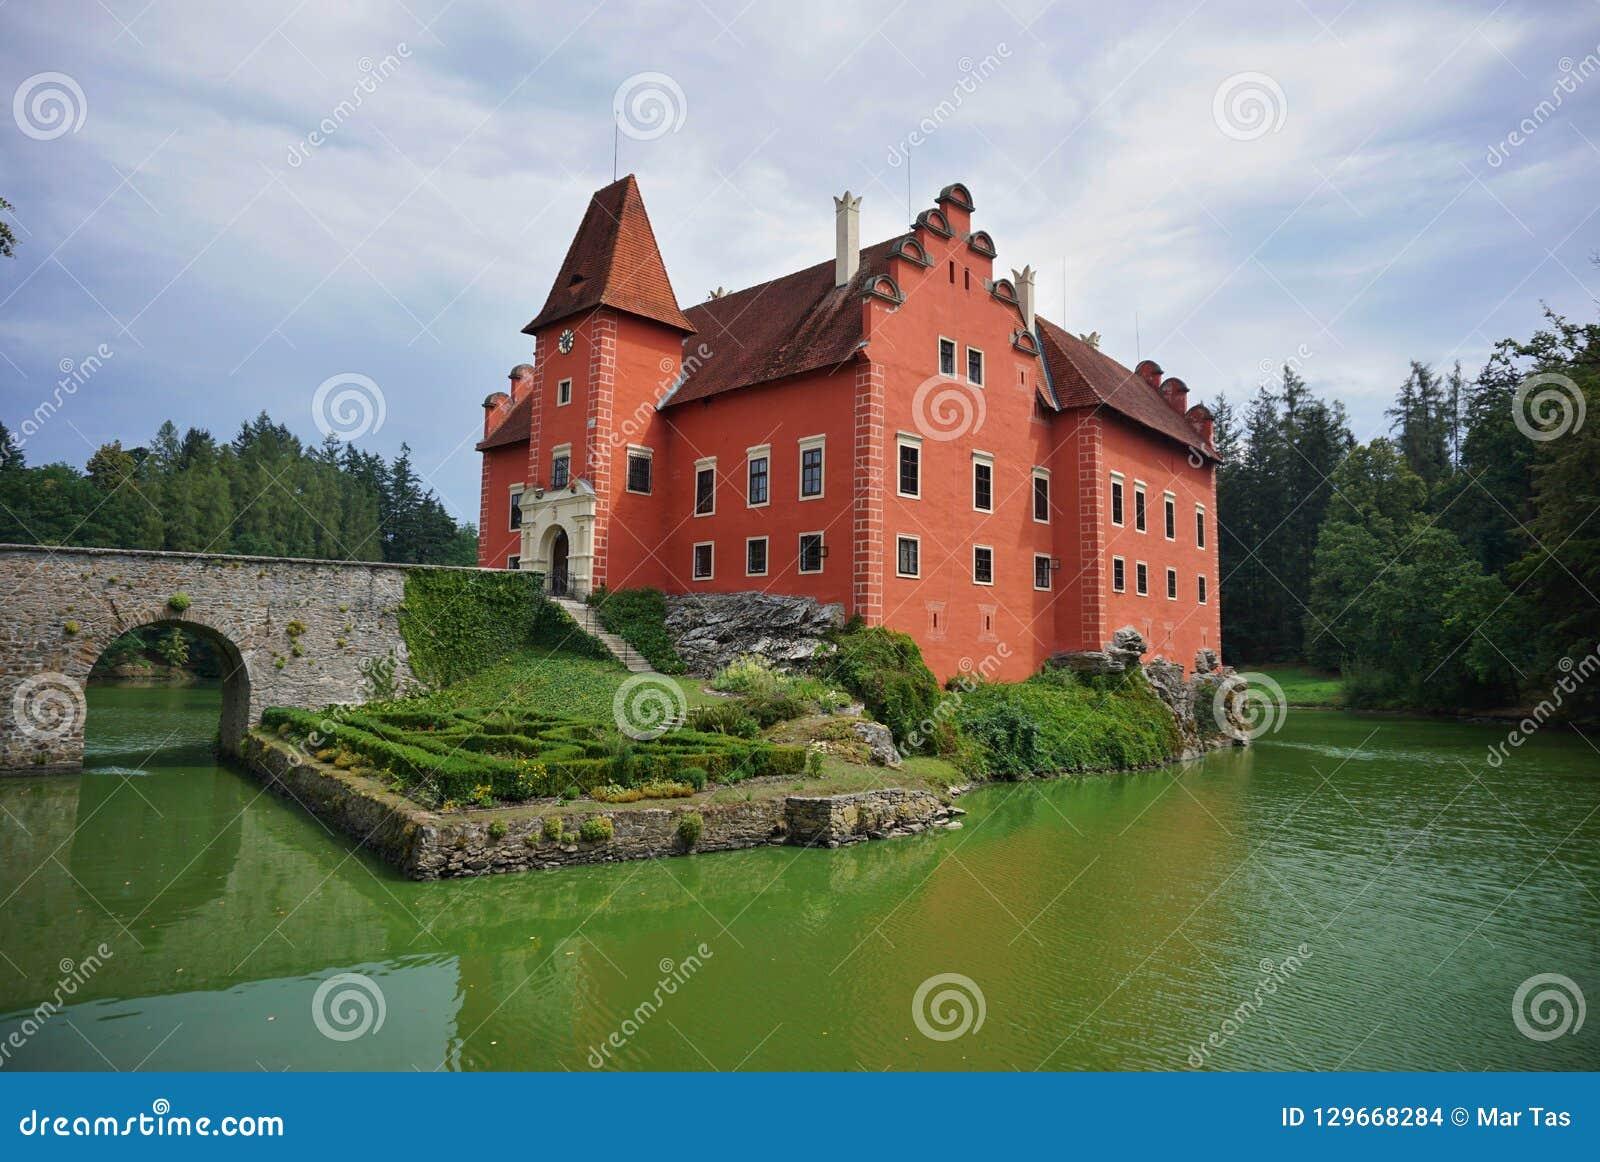 Όμορφο κόκκινο κάστρο Cervena Lhota στη Δημοκρατία της Τσεχίας που μοιάζει με από το παραμύθι